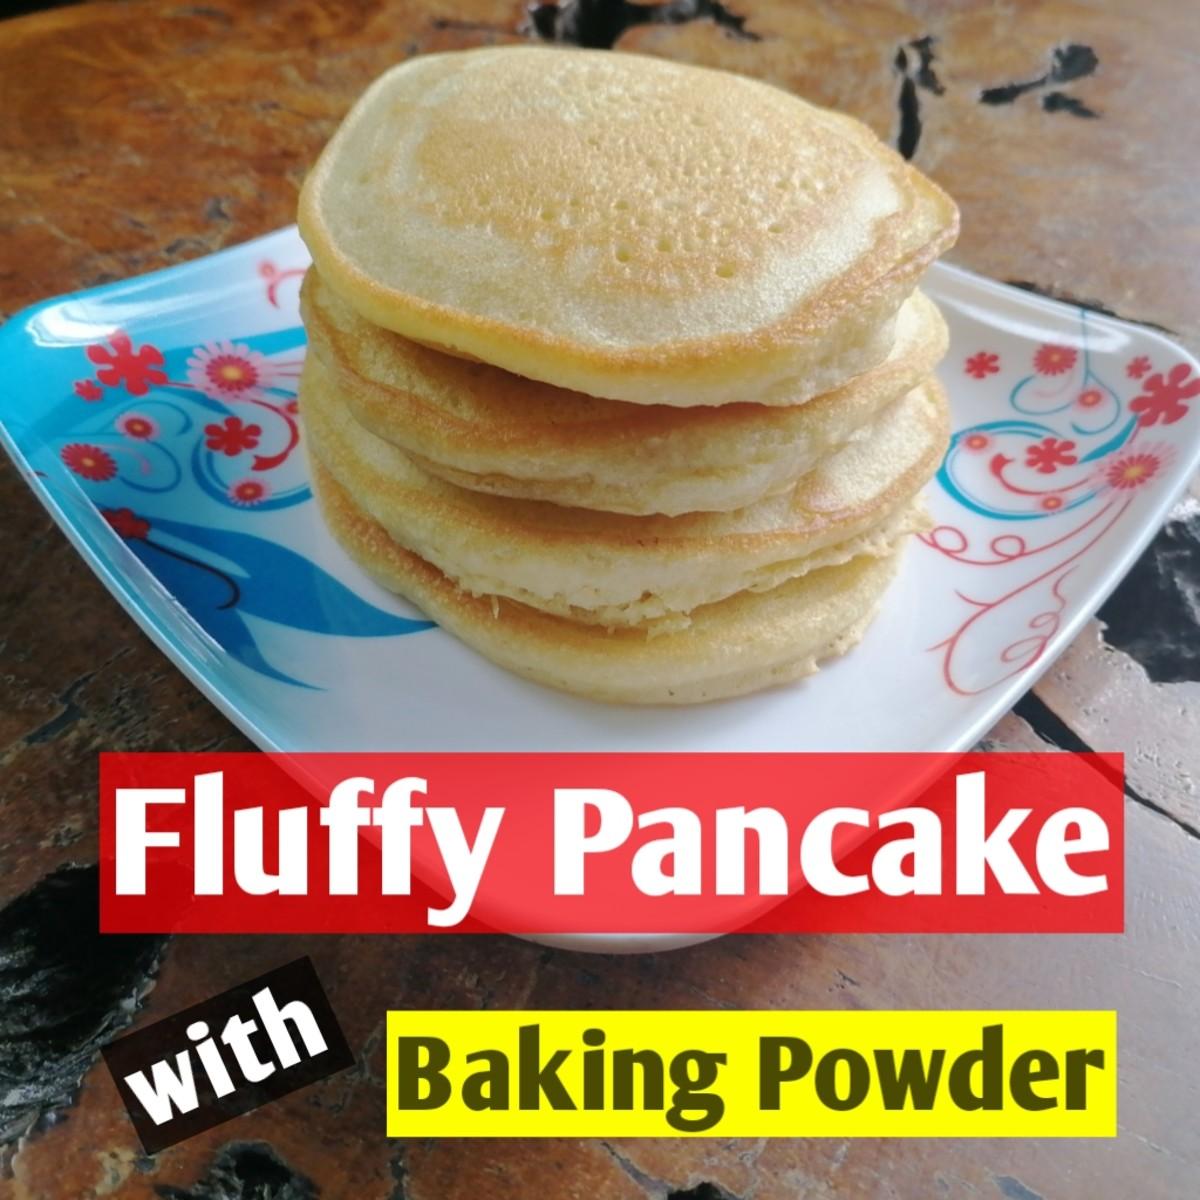 Fluffy Pancake with Baking Powder